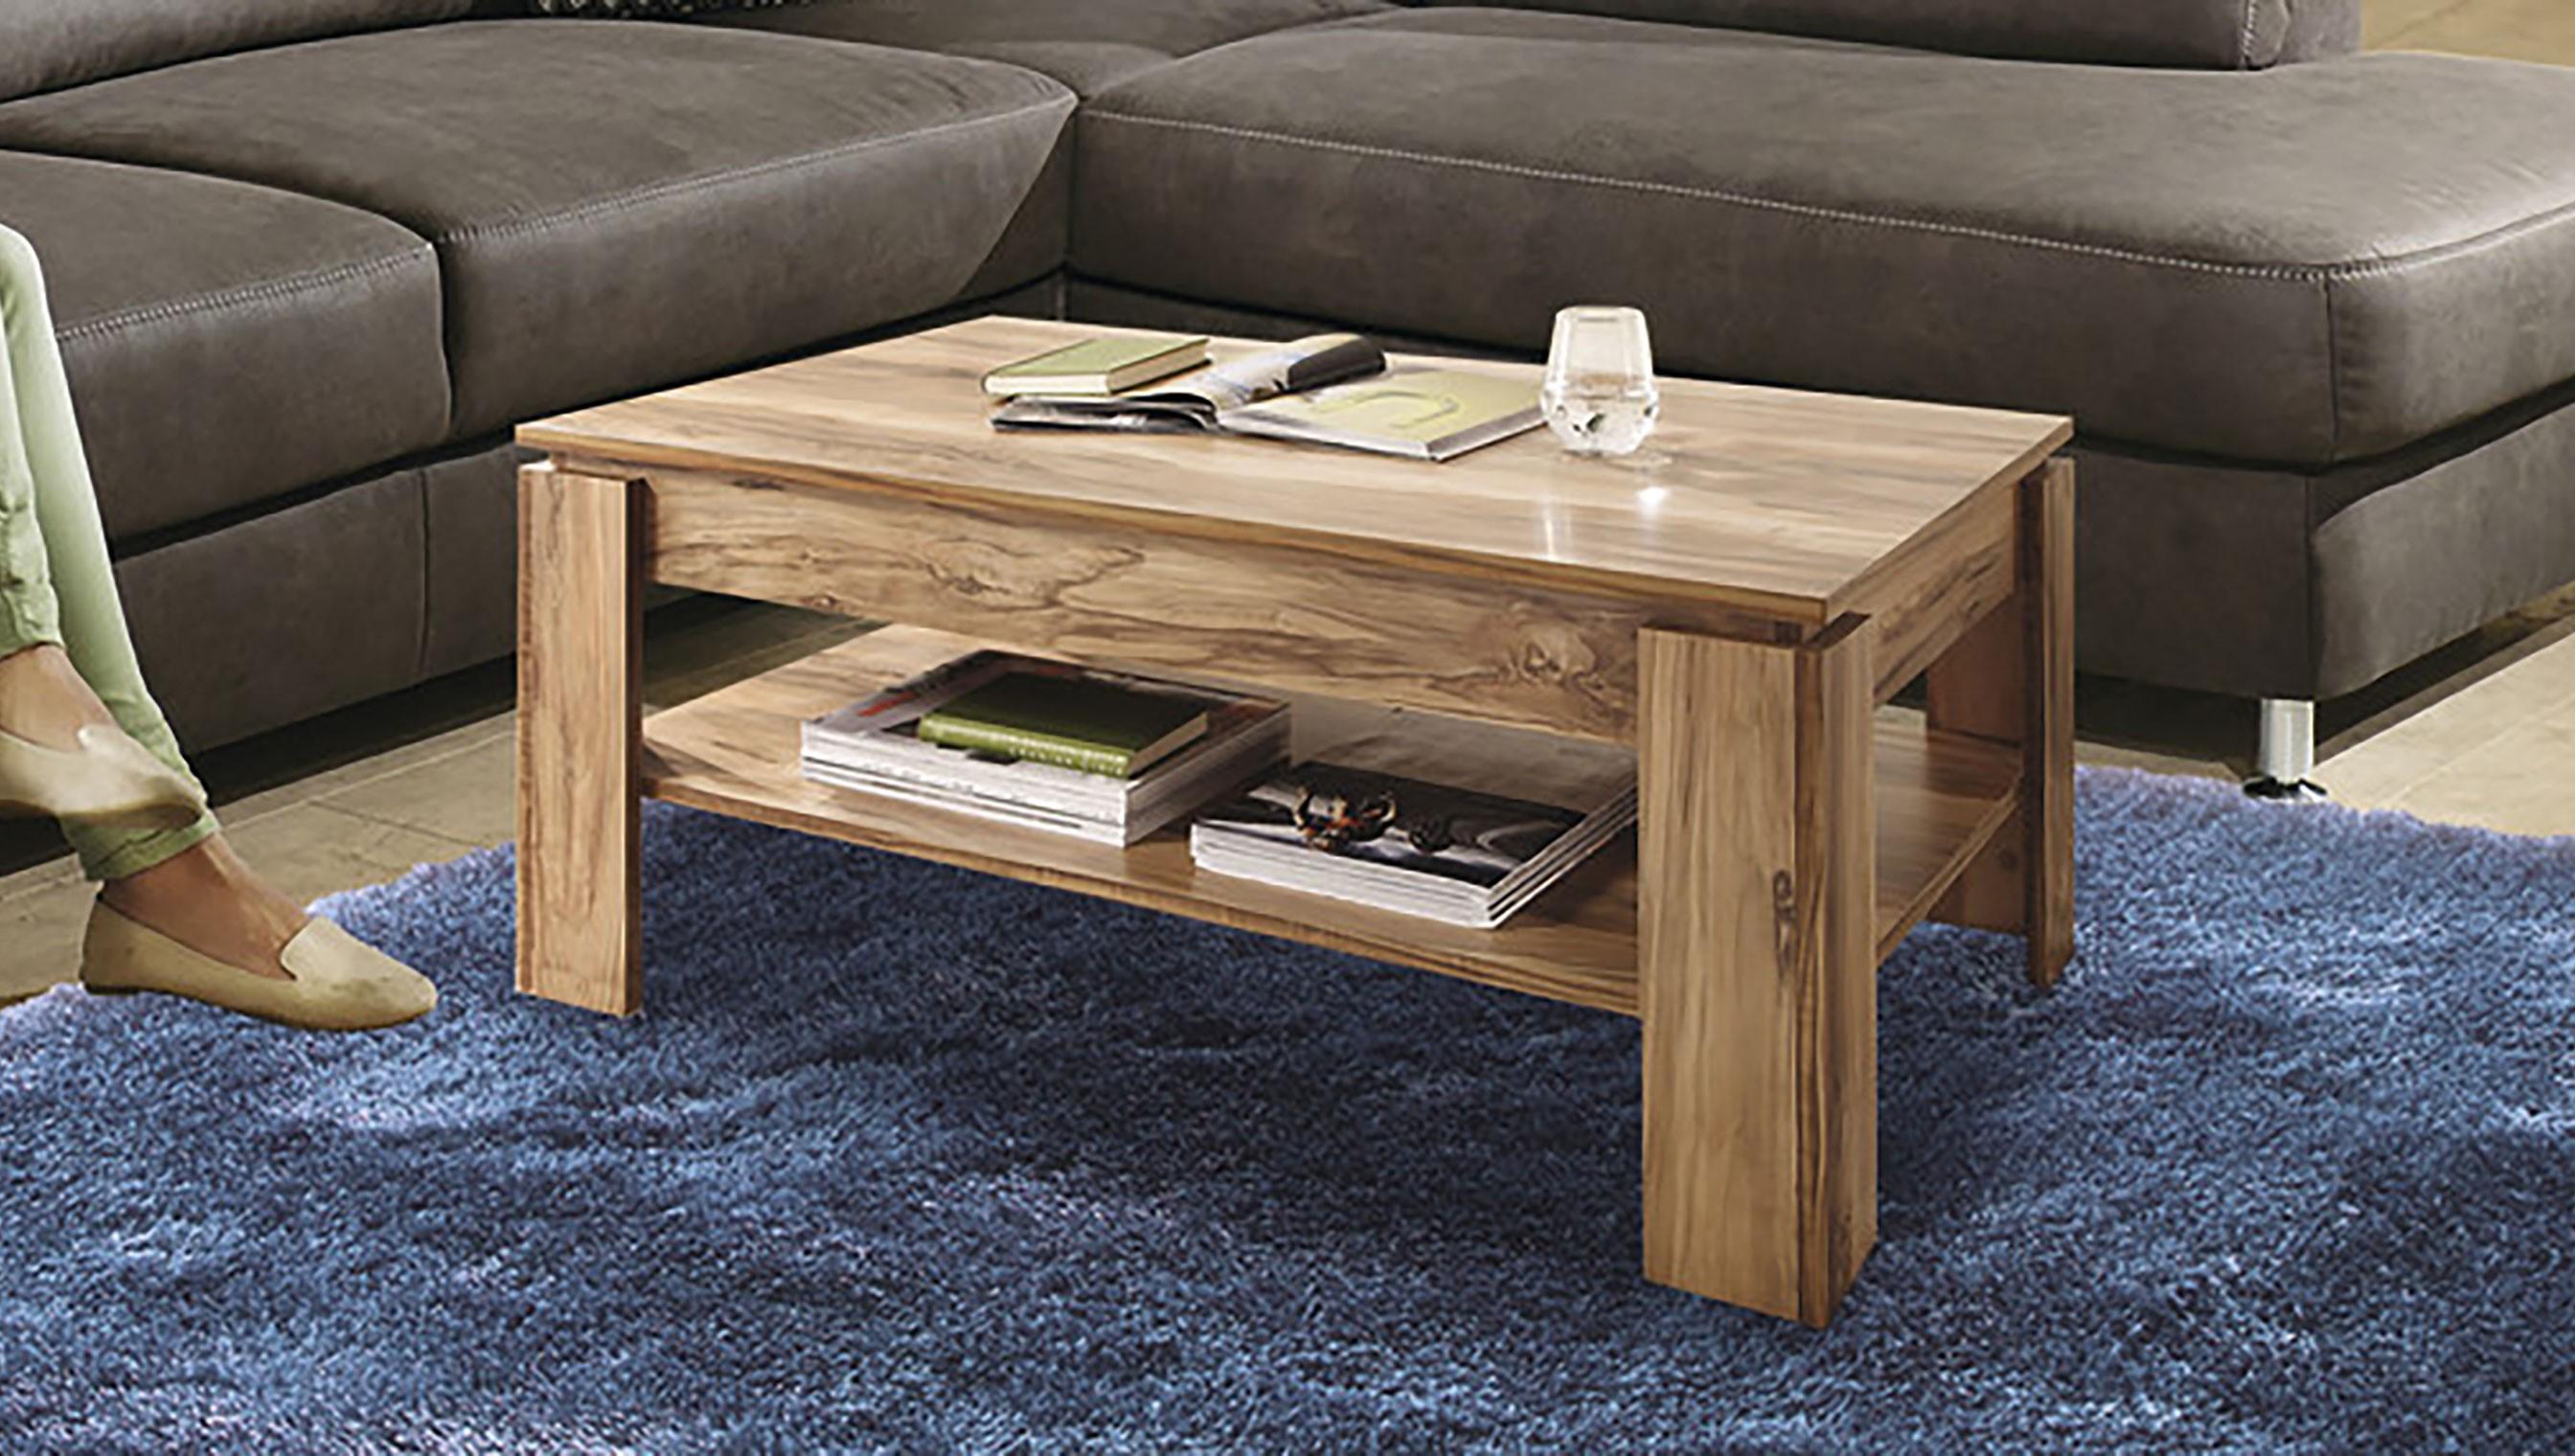 93 wohnzimmertisch nussbaum satin couchtisch. Black Bedroom Furniture Sets. Home Design Ideas